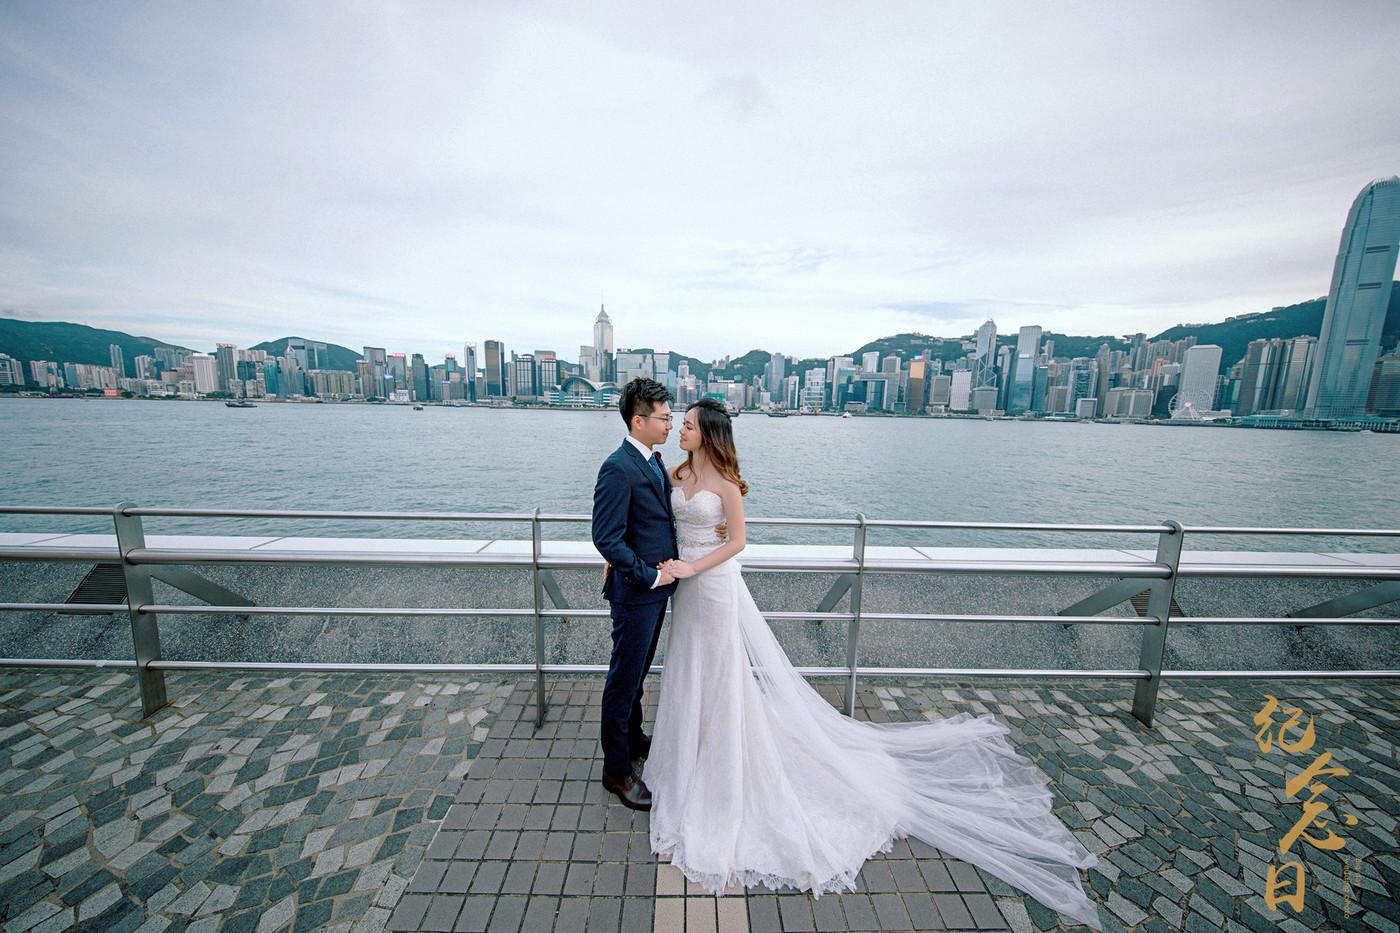 香港旅拍 | Tommy & lucy1